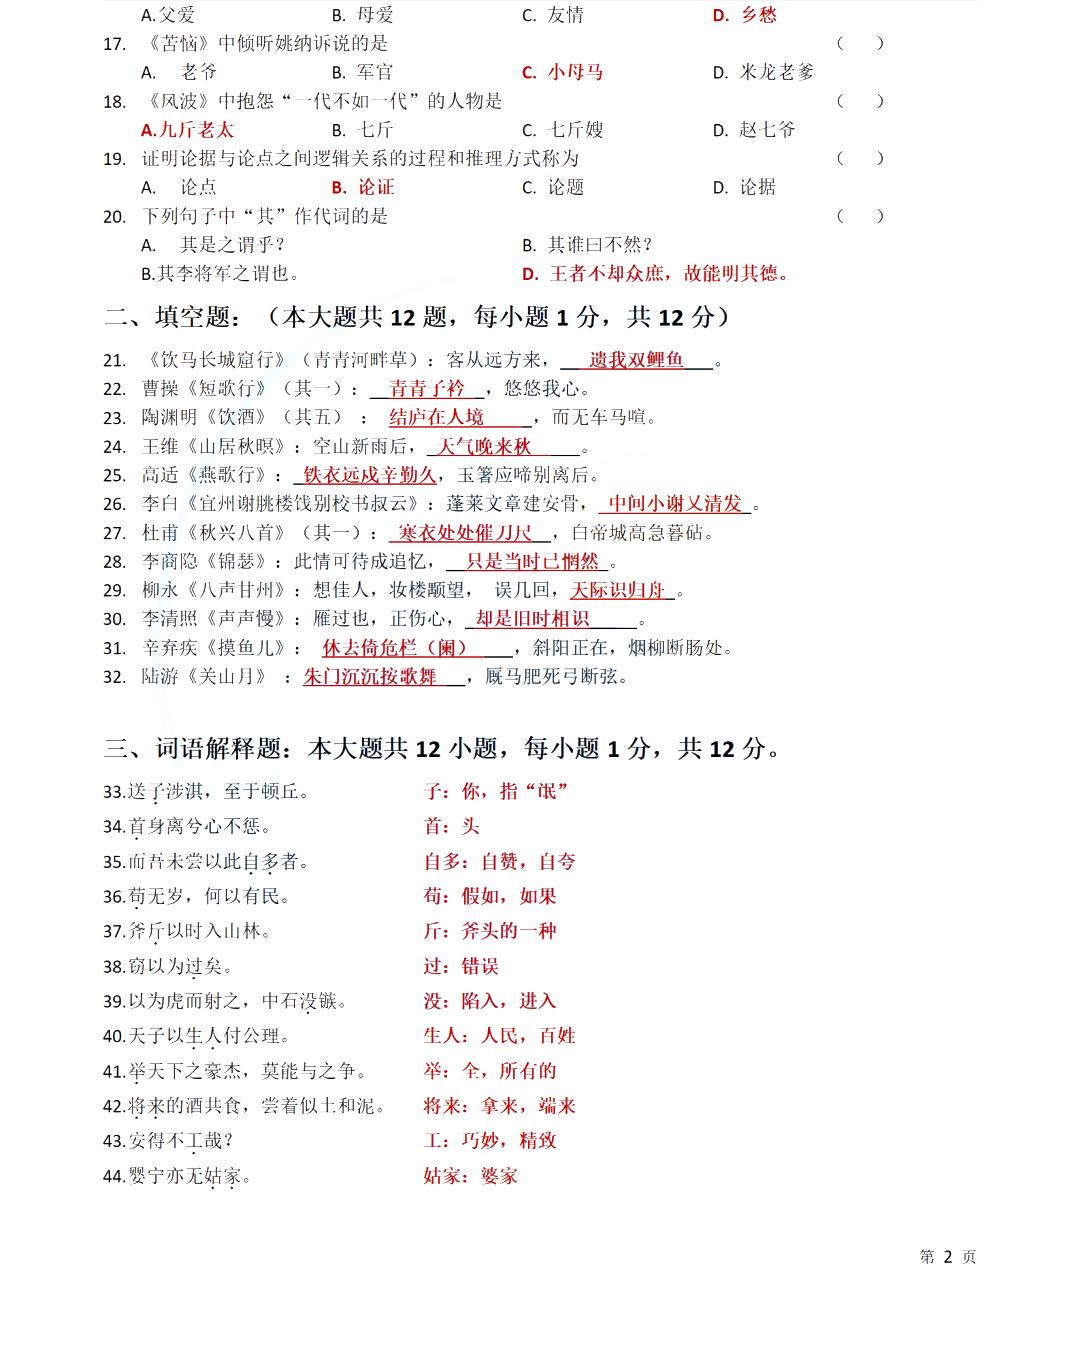 陕西专升本大学语文真题